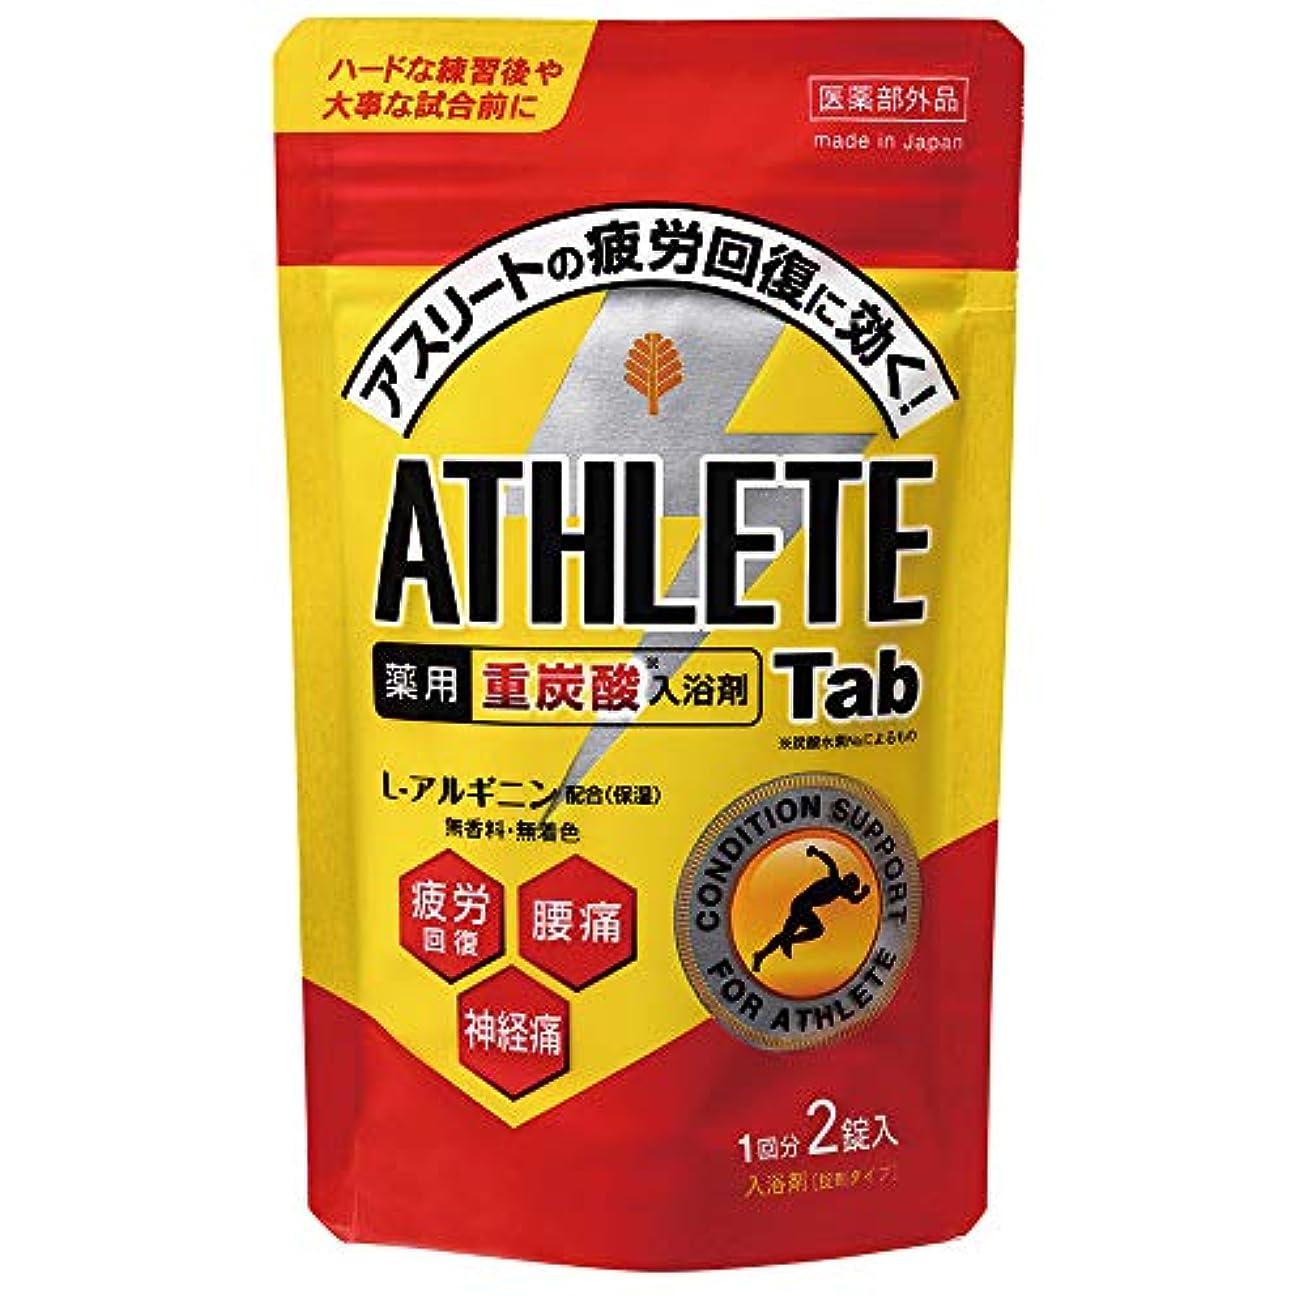 フィドル愚かパニック日本製 made in japan 薬用 ATHLETE Tab2錠x1パック BT-8572 【まとめ買い12個セット】